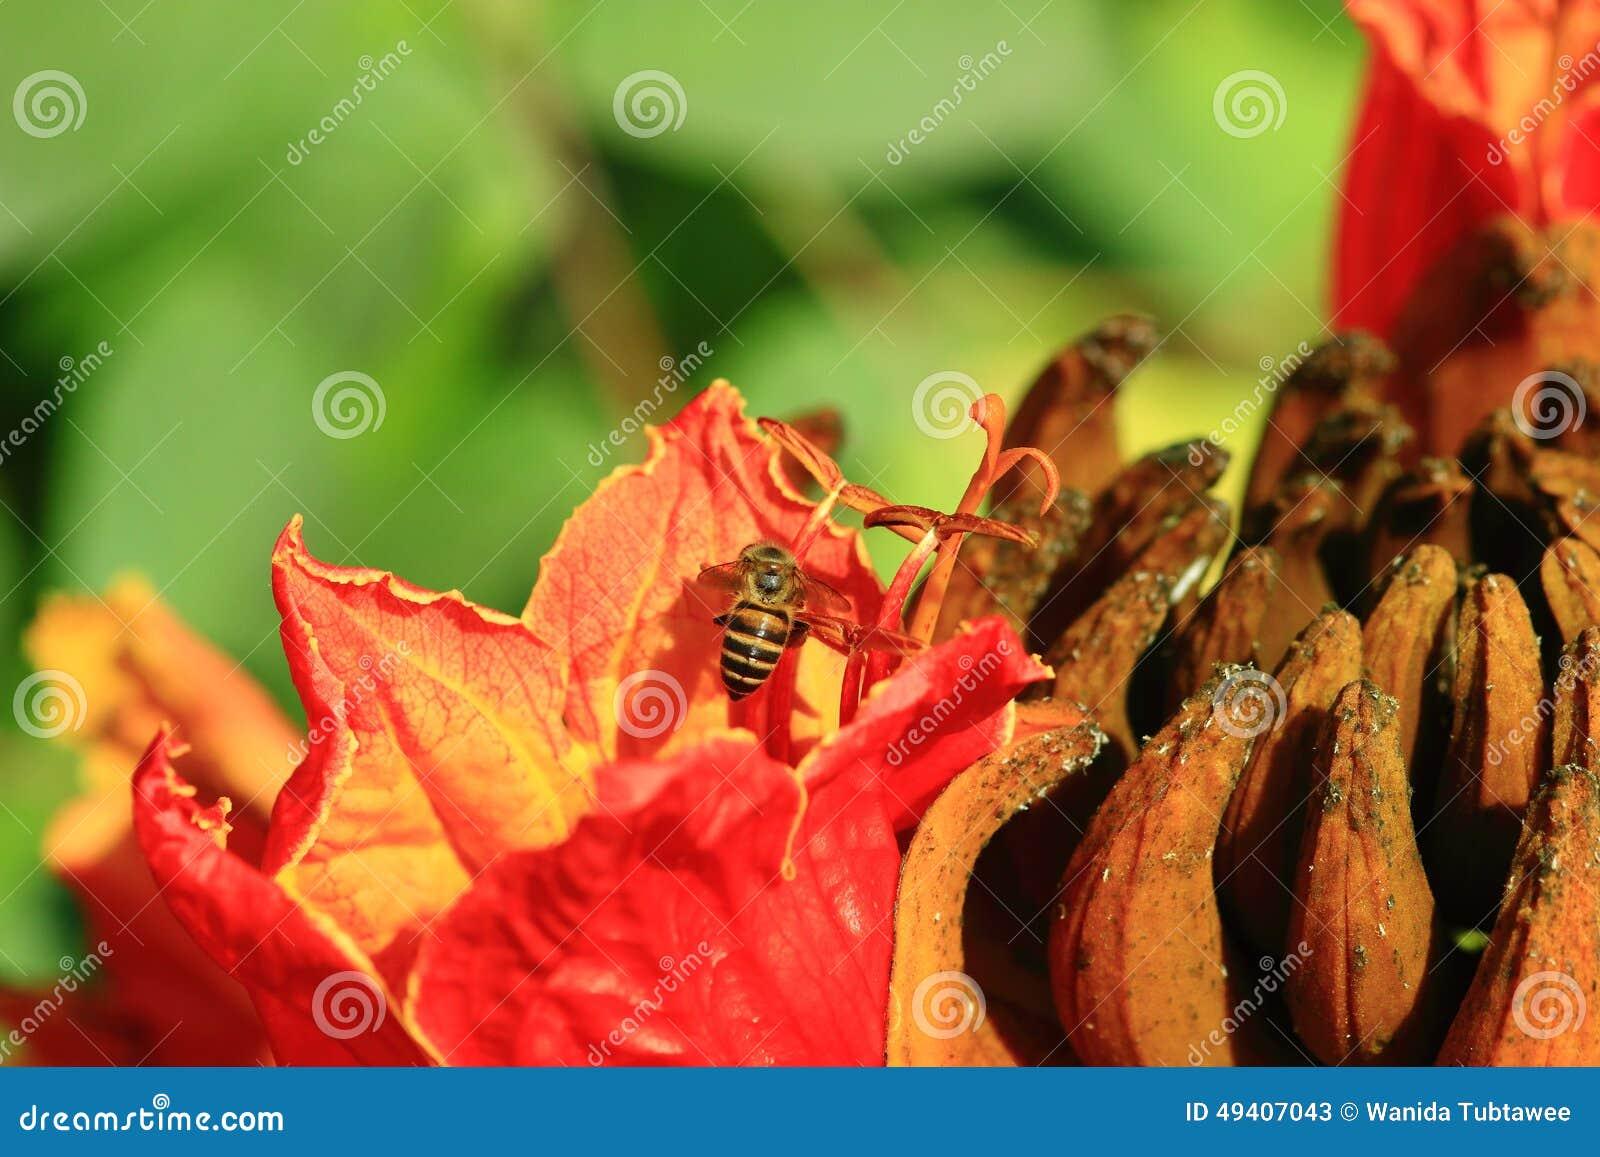 Download Bienen Und Blumen Sind Schön Stockbild - Bild von fields, bunt: 49407043